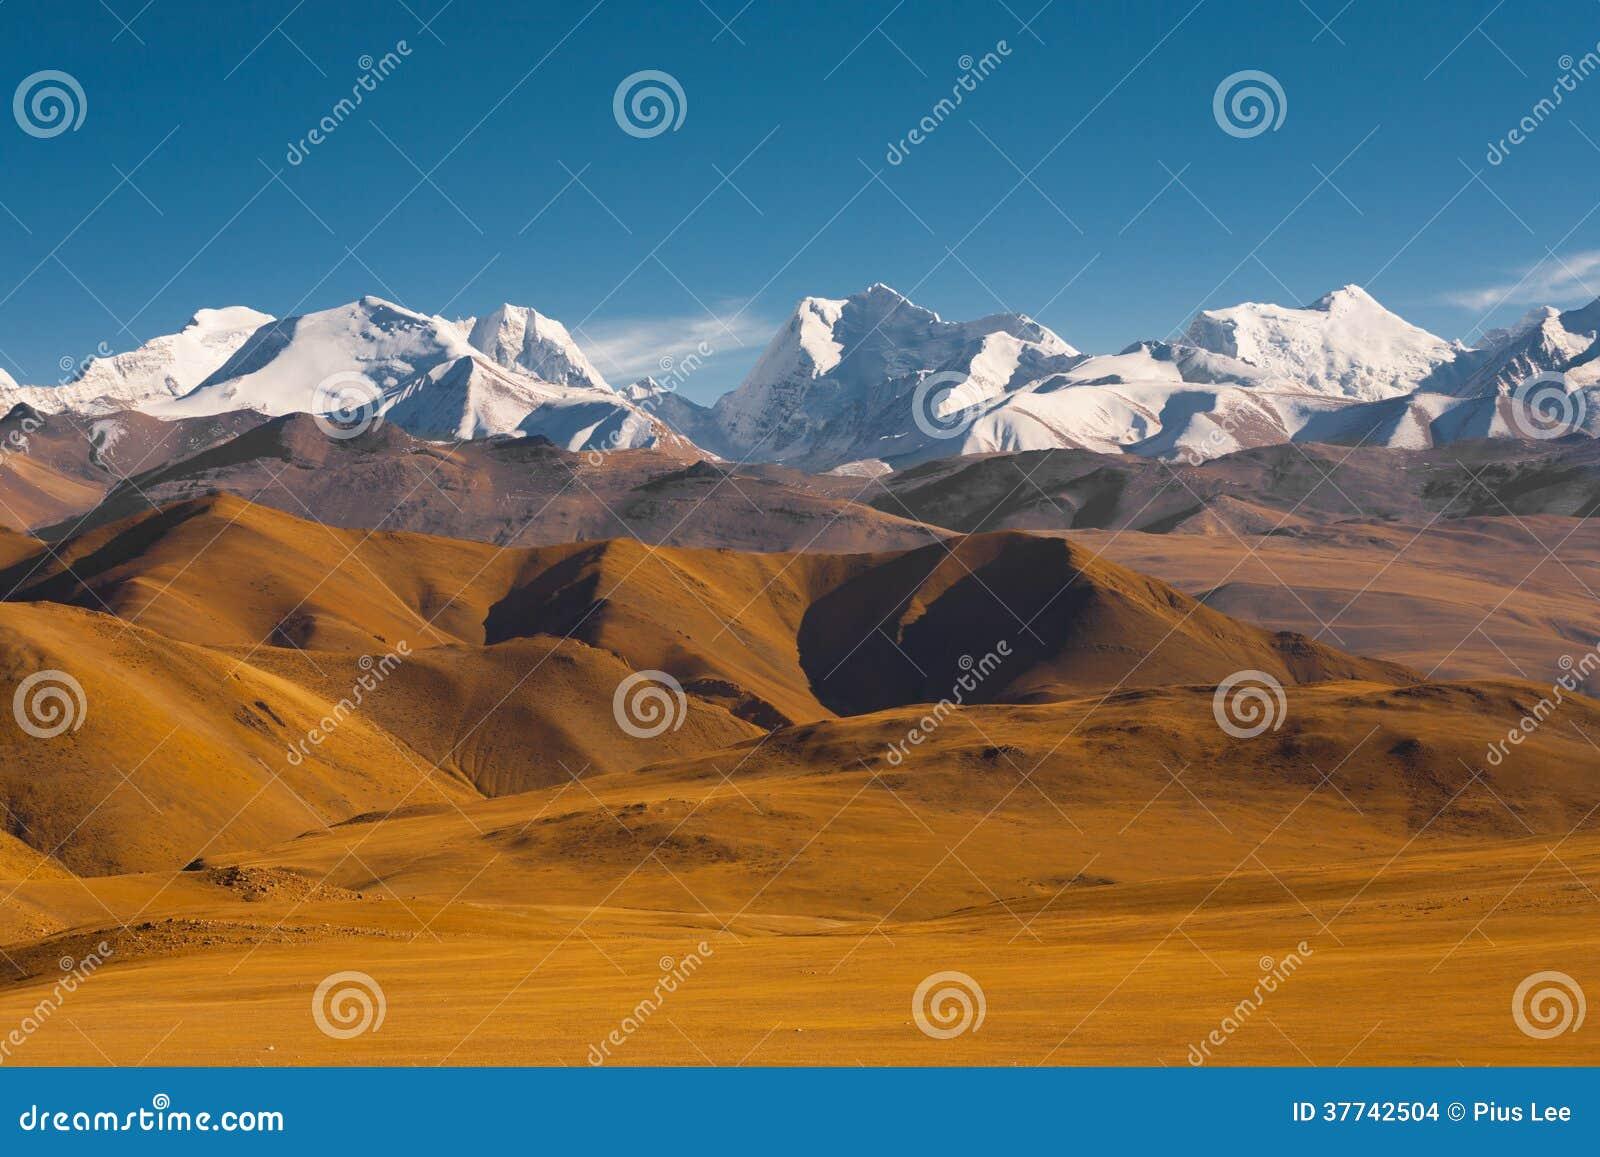 Frontière Népal Thibet de l Himalaya de terrain montagneux